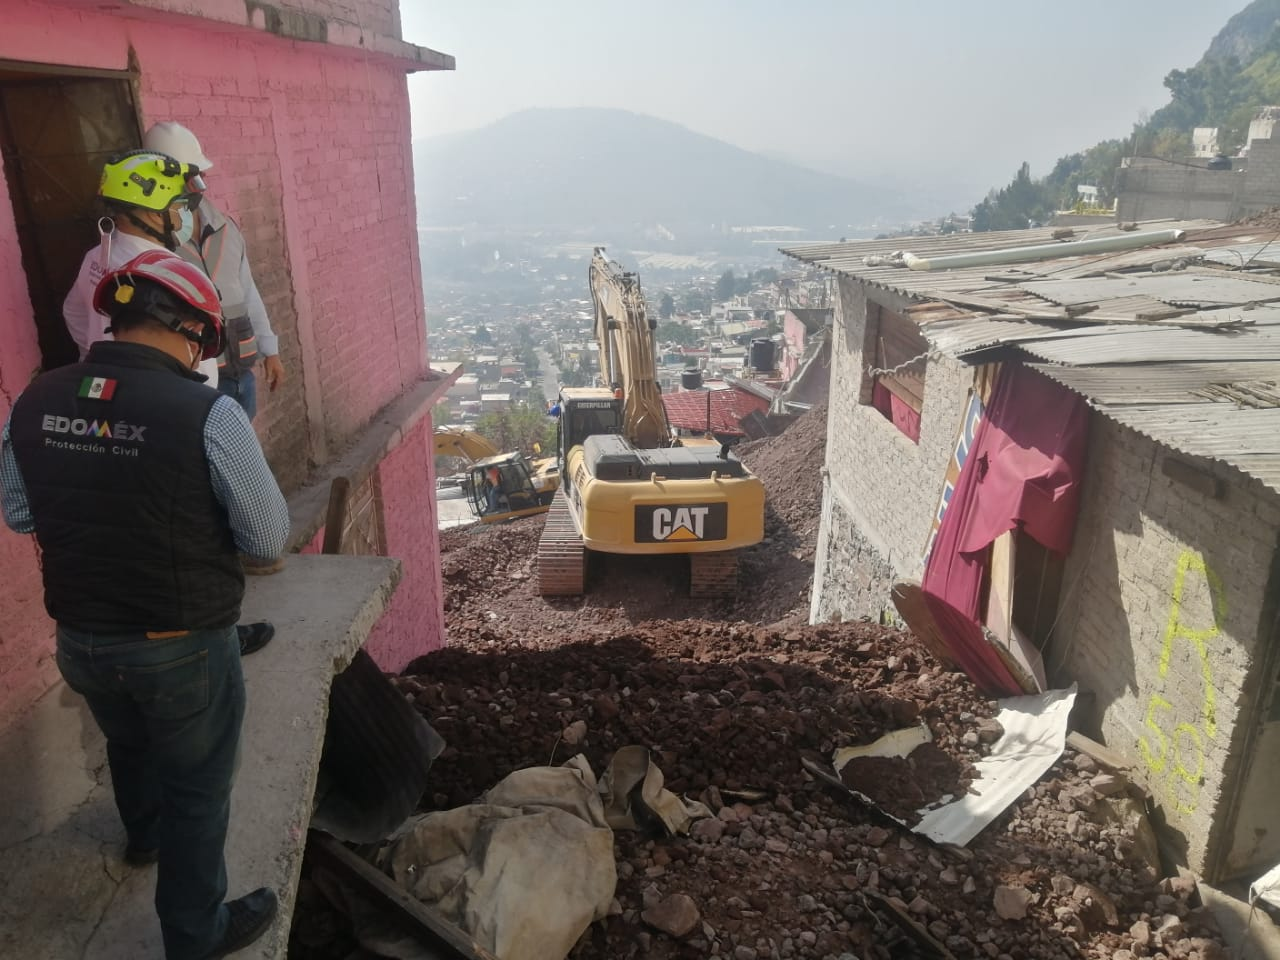 CONTINÚAN TRABAJOS DE ESTABILIZACIÓN EN ZONA AFECTADA DEL CERRO DEL CHIQUIHUITE